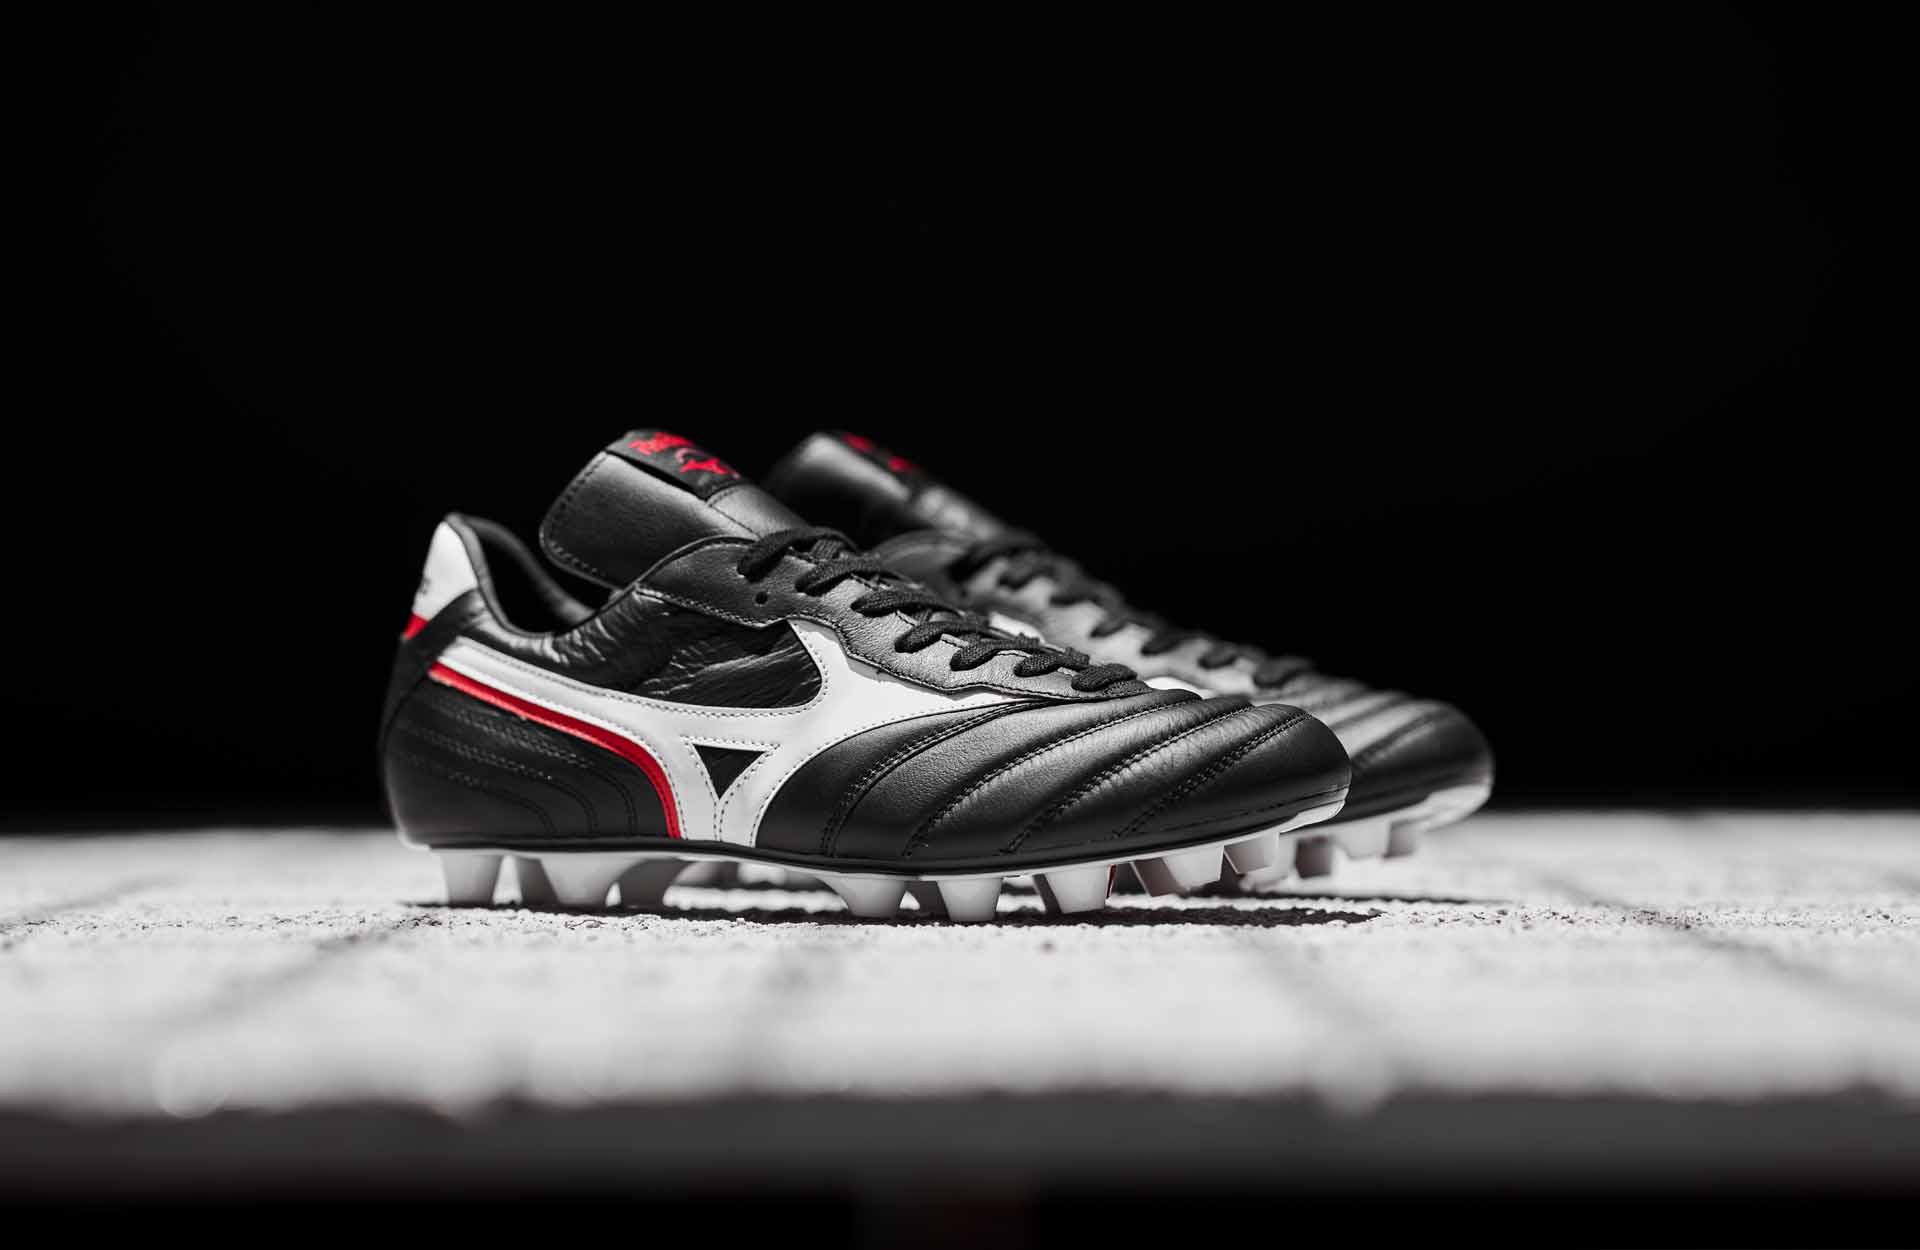 Giày bóng đá Morelia Zero đời đầu với thiết kể cổ điển, đơn giản